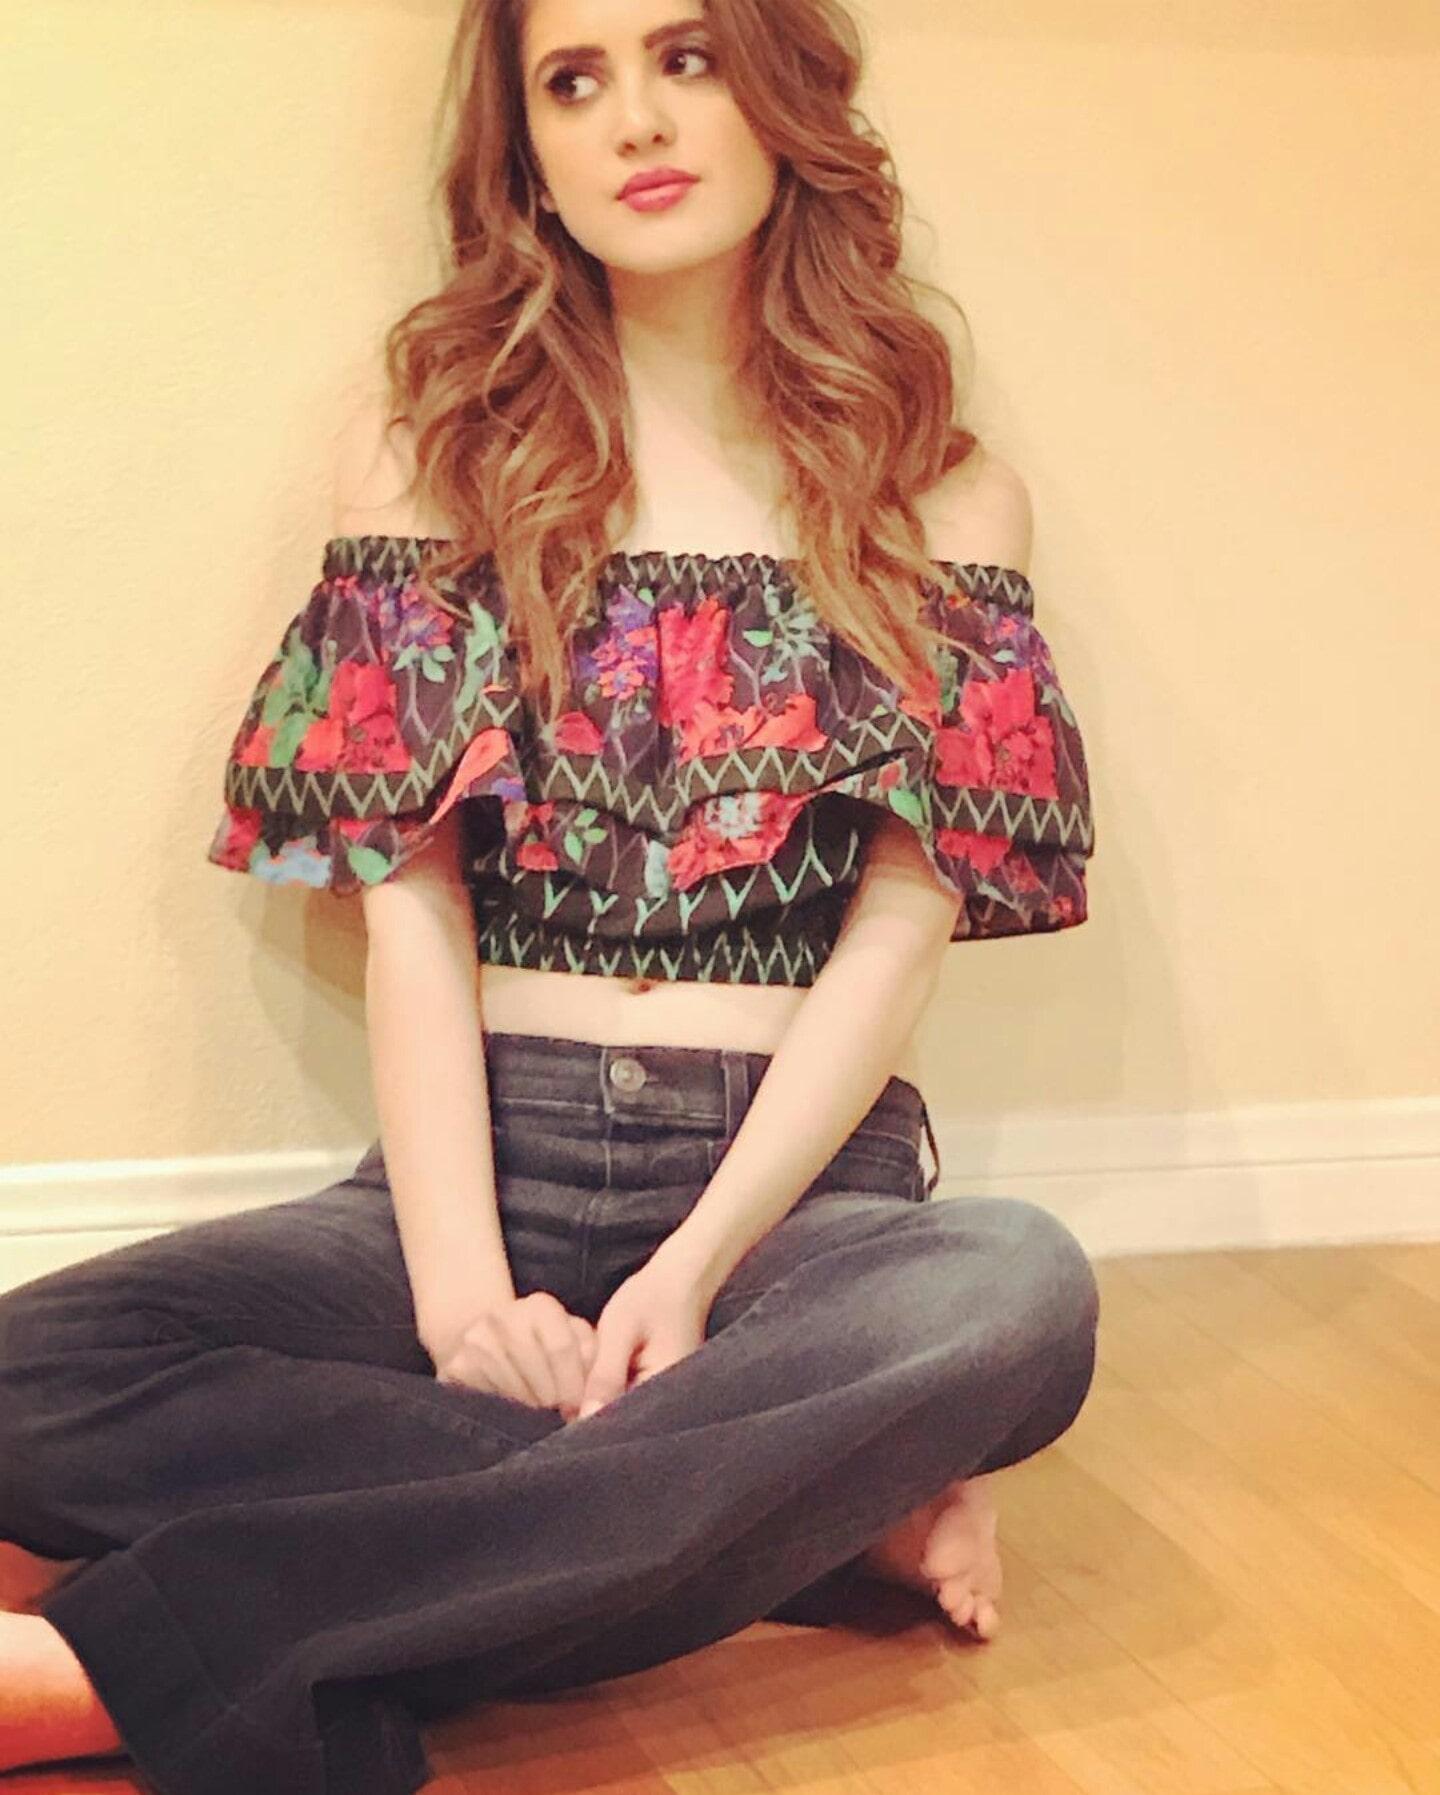 50 Hot Laura Marano Whic Photos - 12Thblog-5954